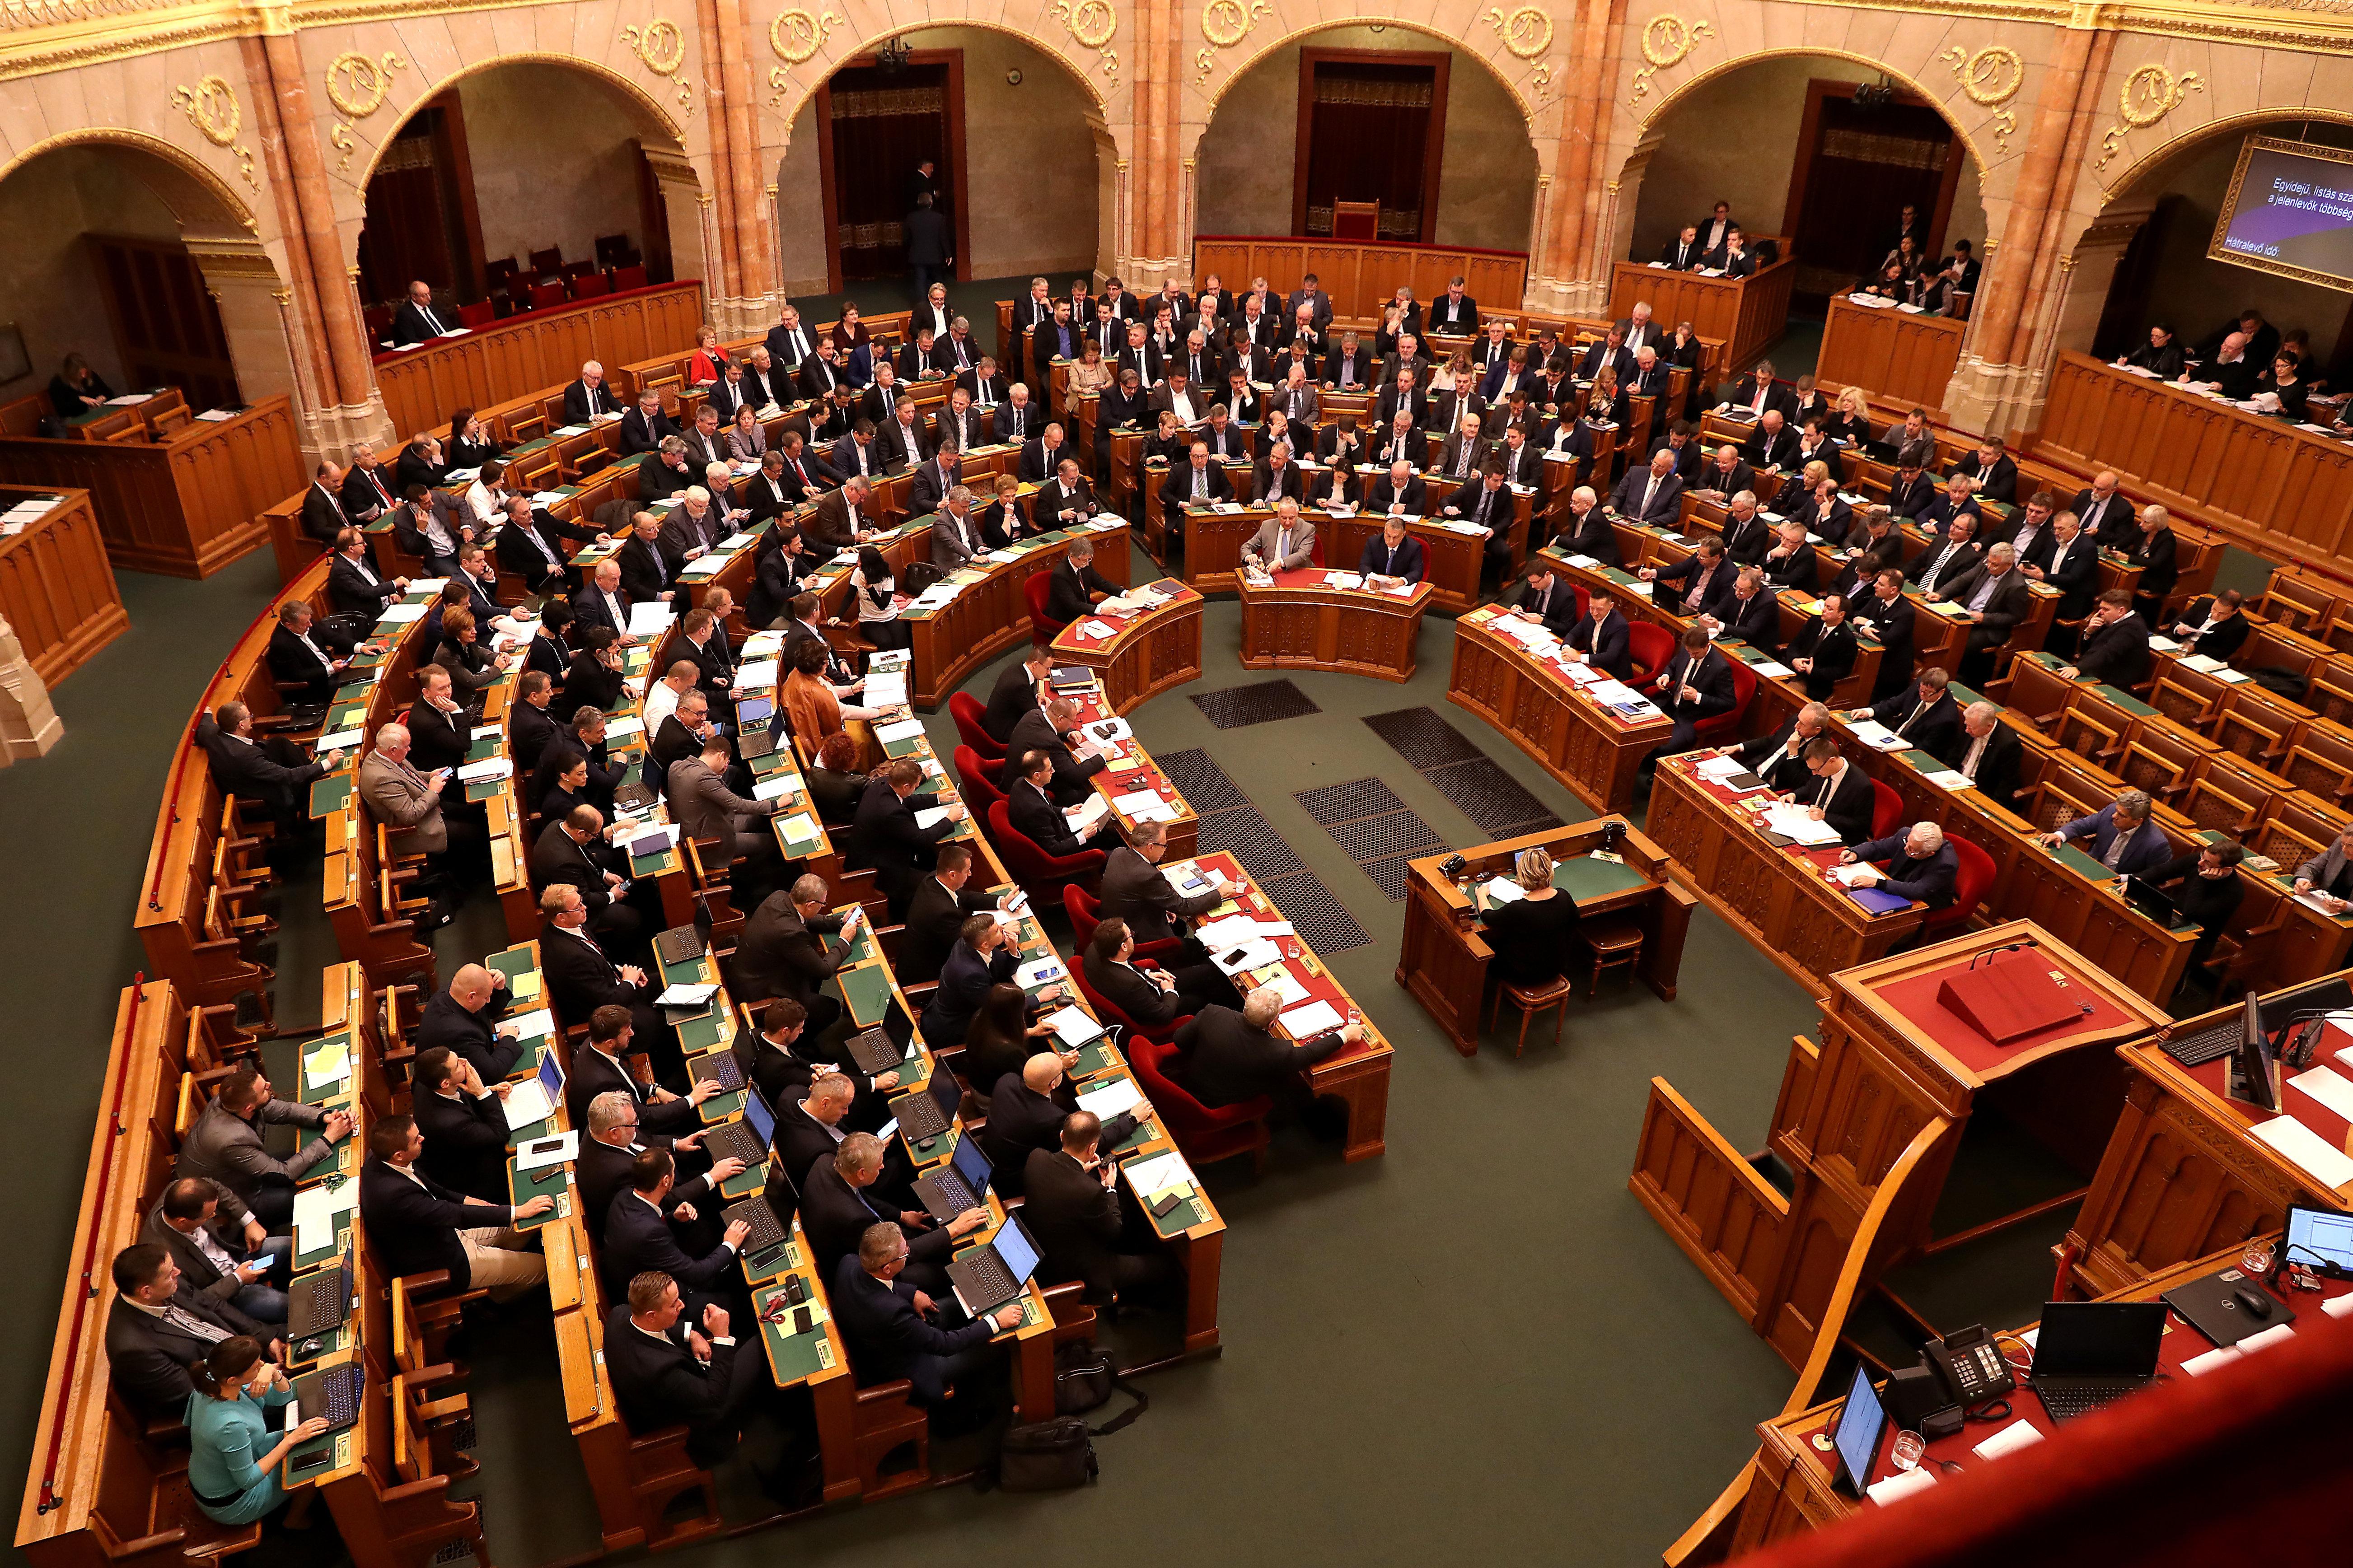 Elszúrta a Fidesz a szavazást, de Áder besegített, hogy még az idén újra összeülhessen a parlament